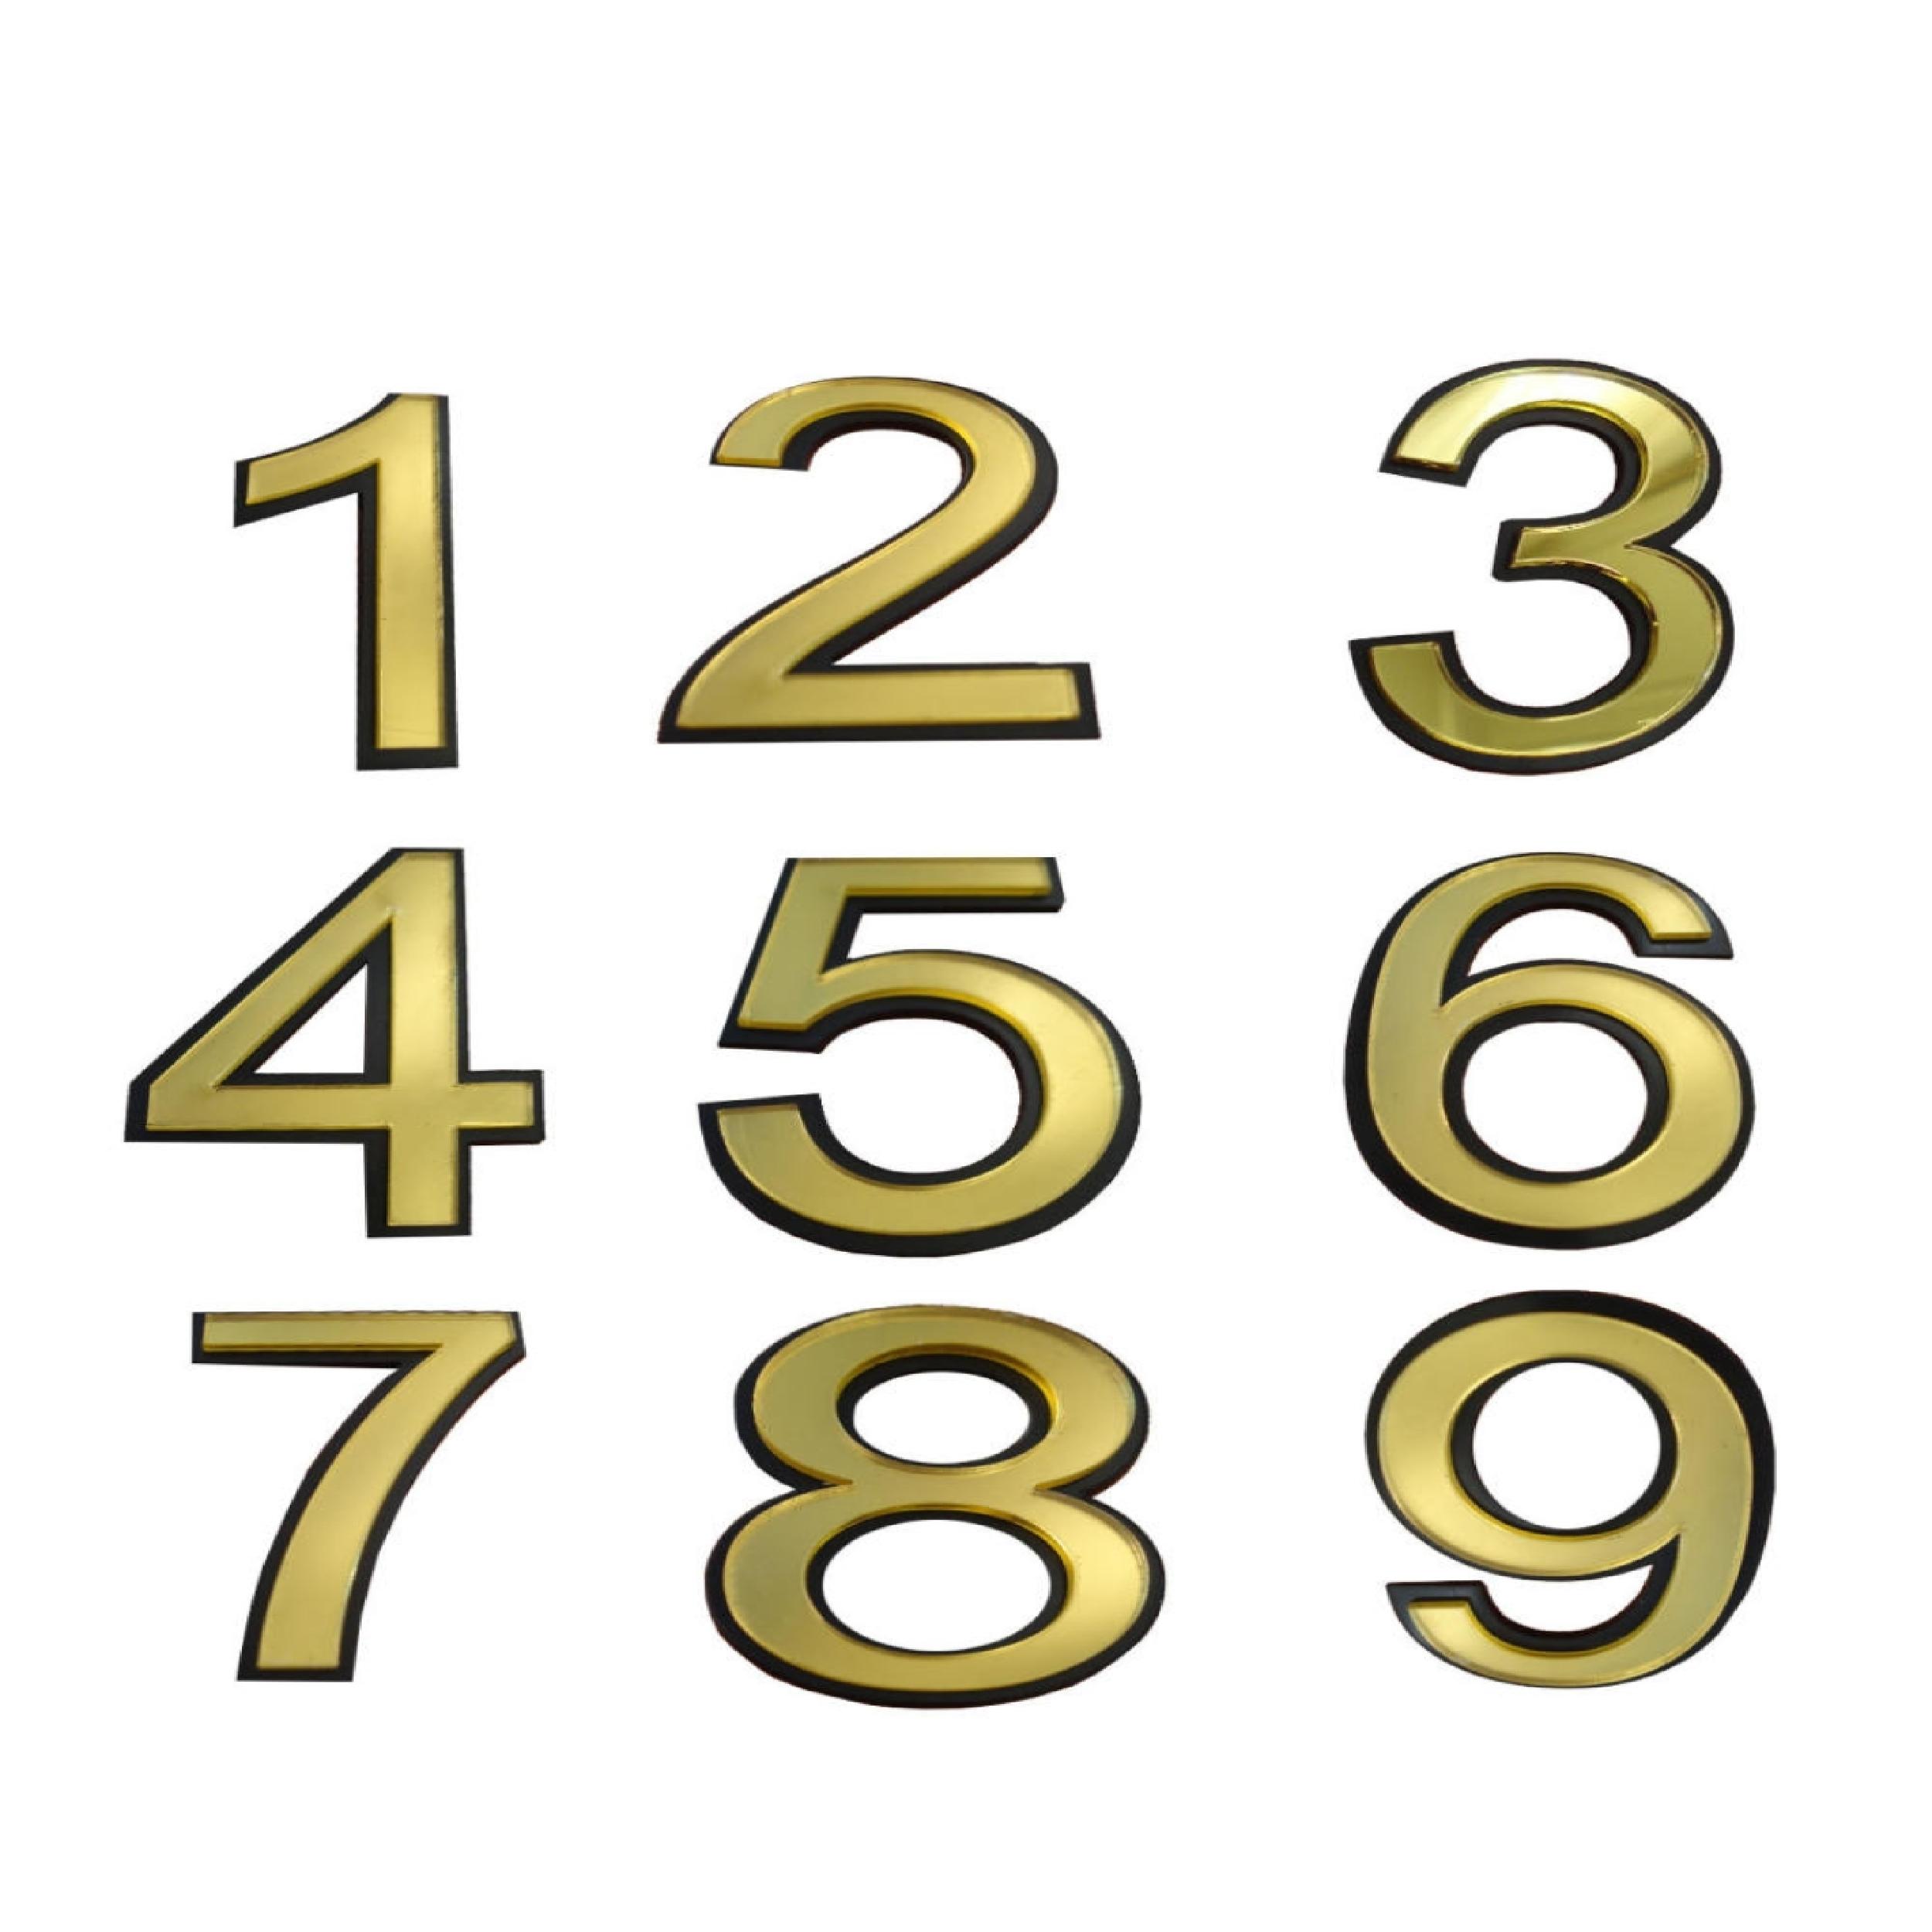 تابلو نشانگر  طرح شماره واحد مدل nu 9h مجموعه ۹ عددی